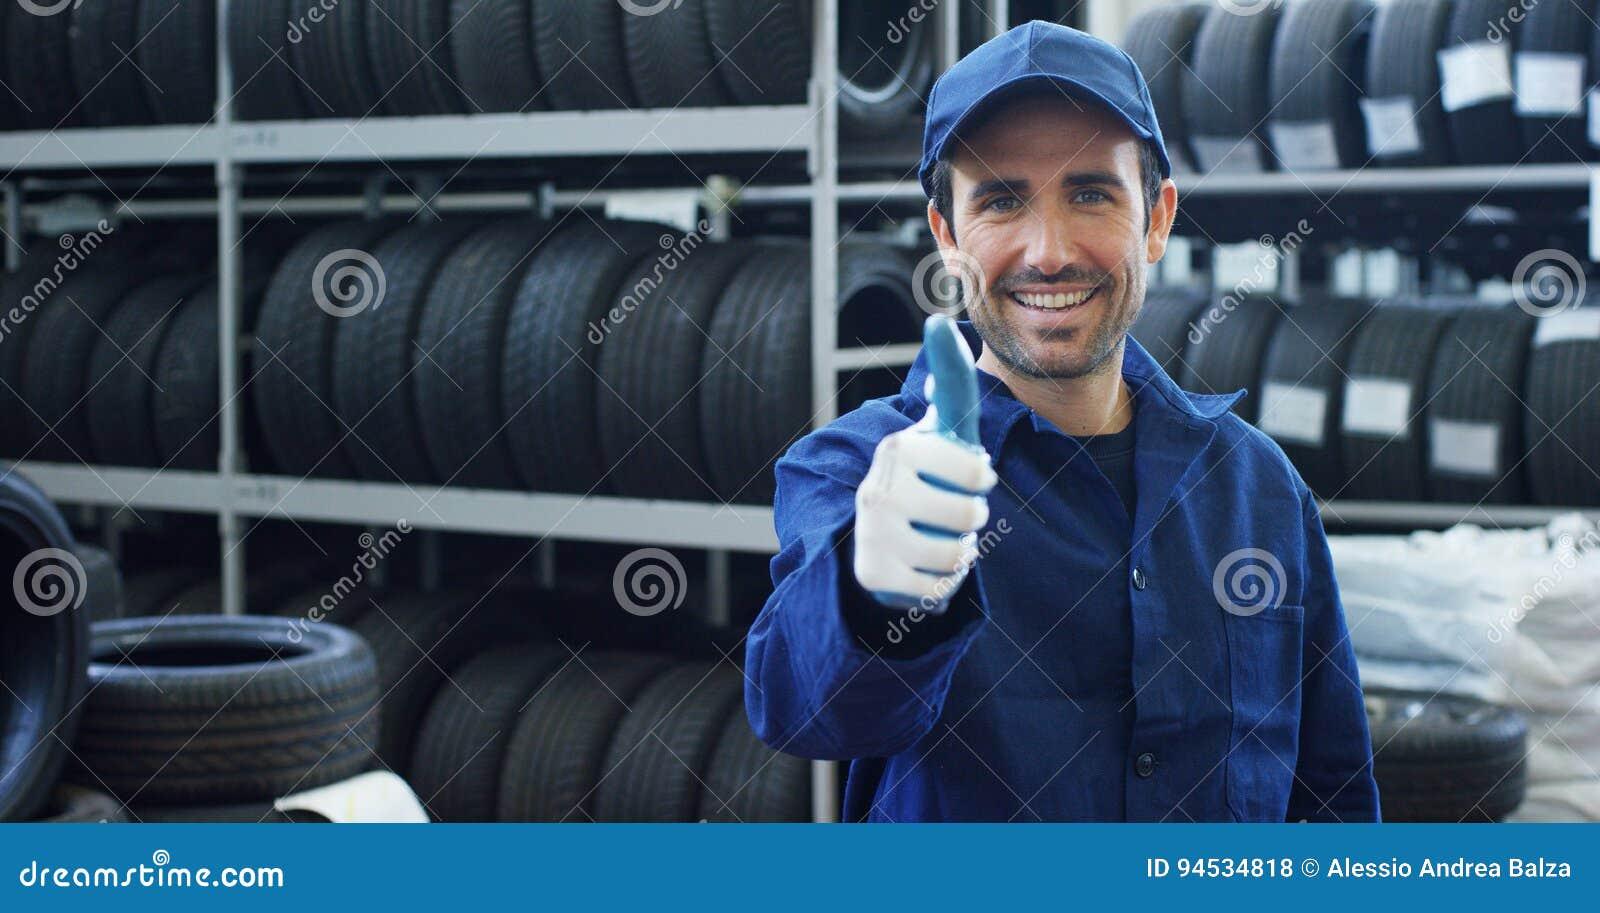 Portret młody piękny samochodowy mechanik w samochodowym warsztacie w tle samochodowa usługowa pojęcie naprawa maszyny, usterka